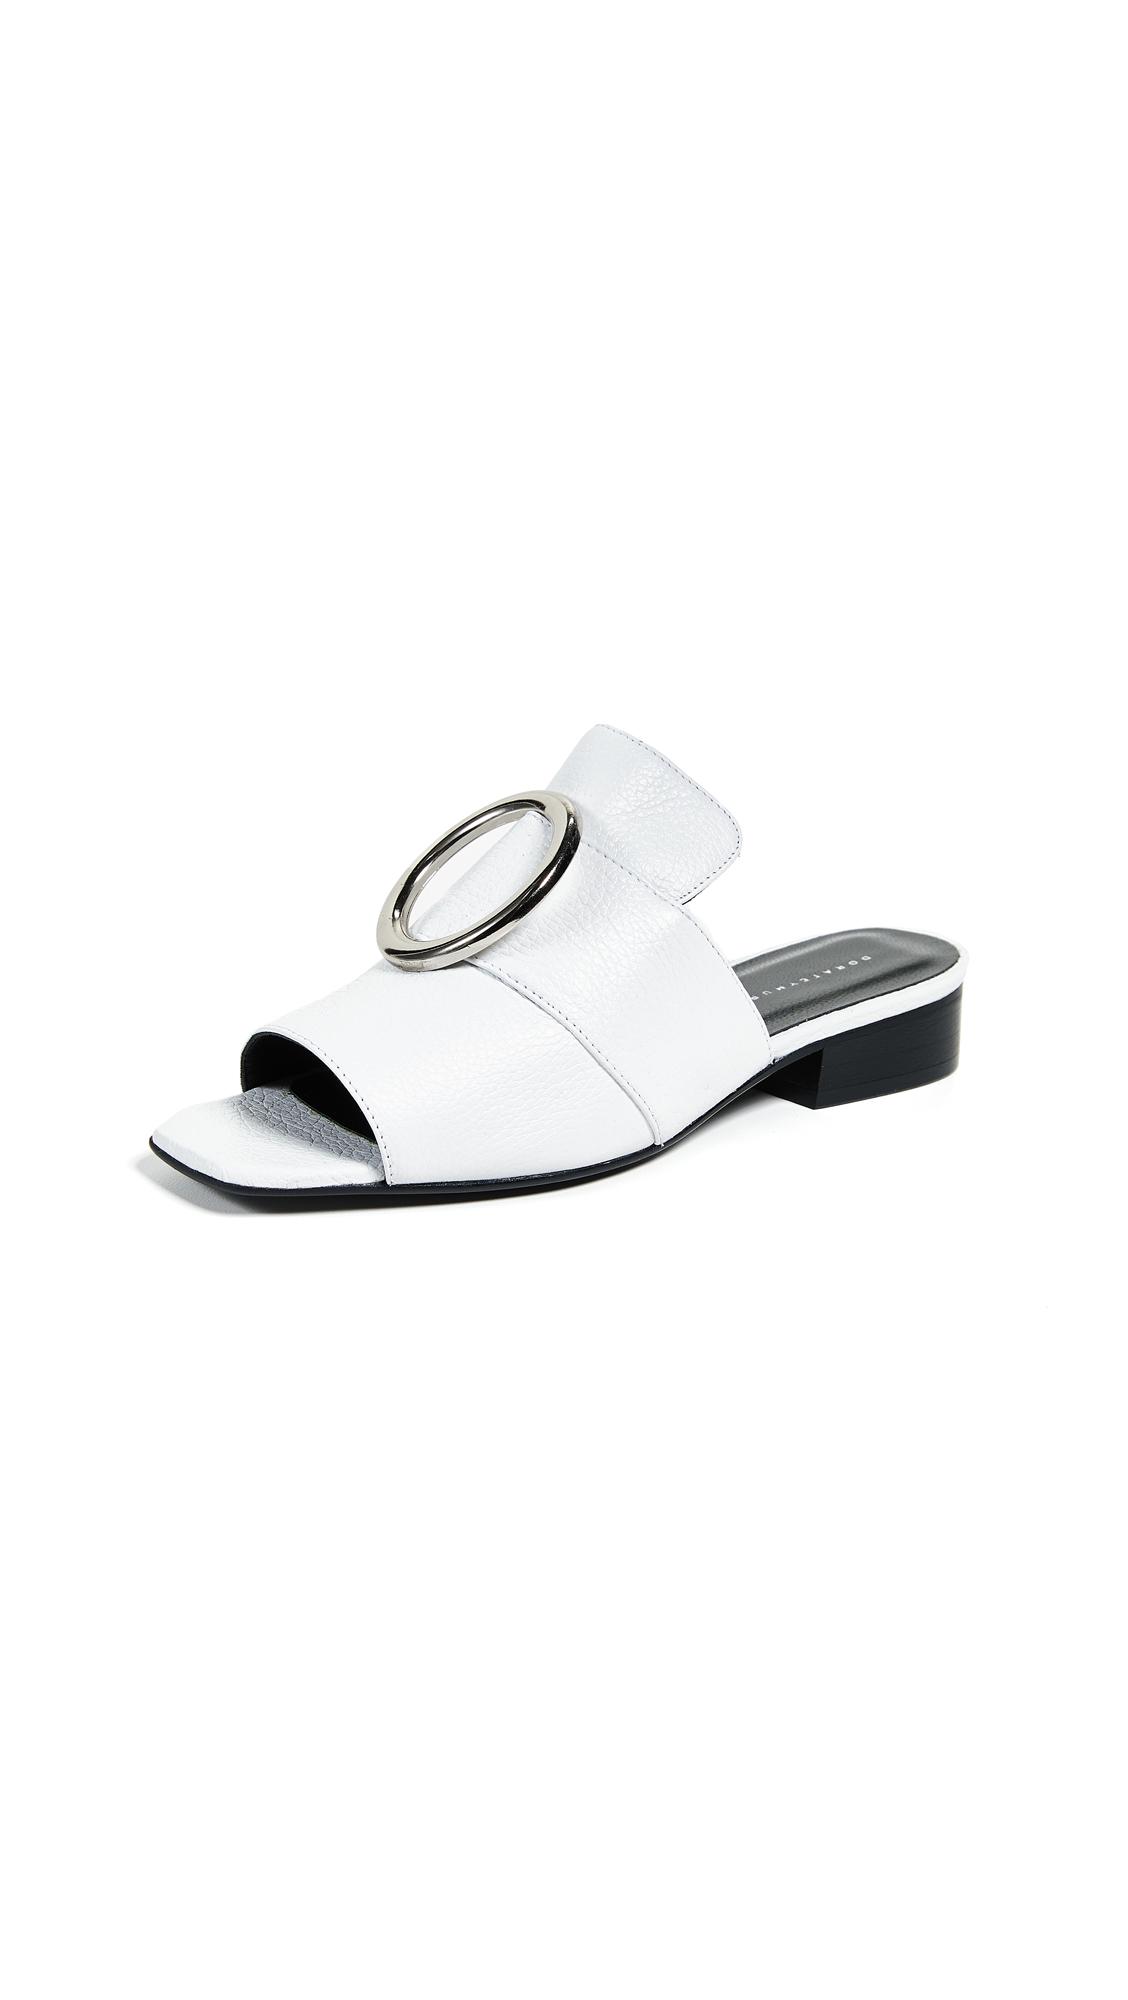 Dorateymur Harput Slides - White